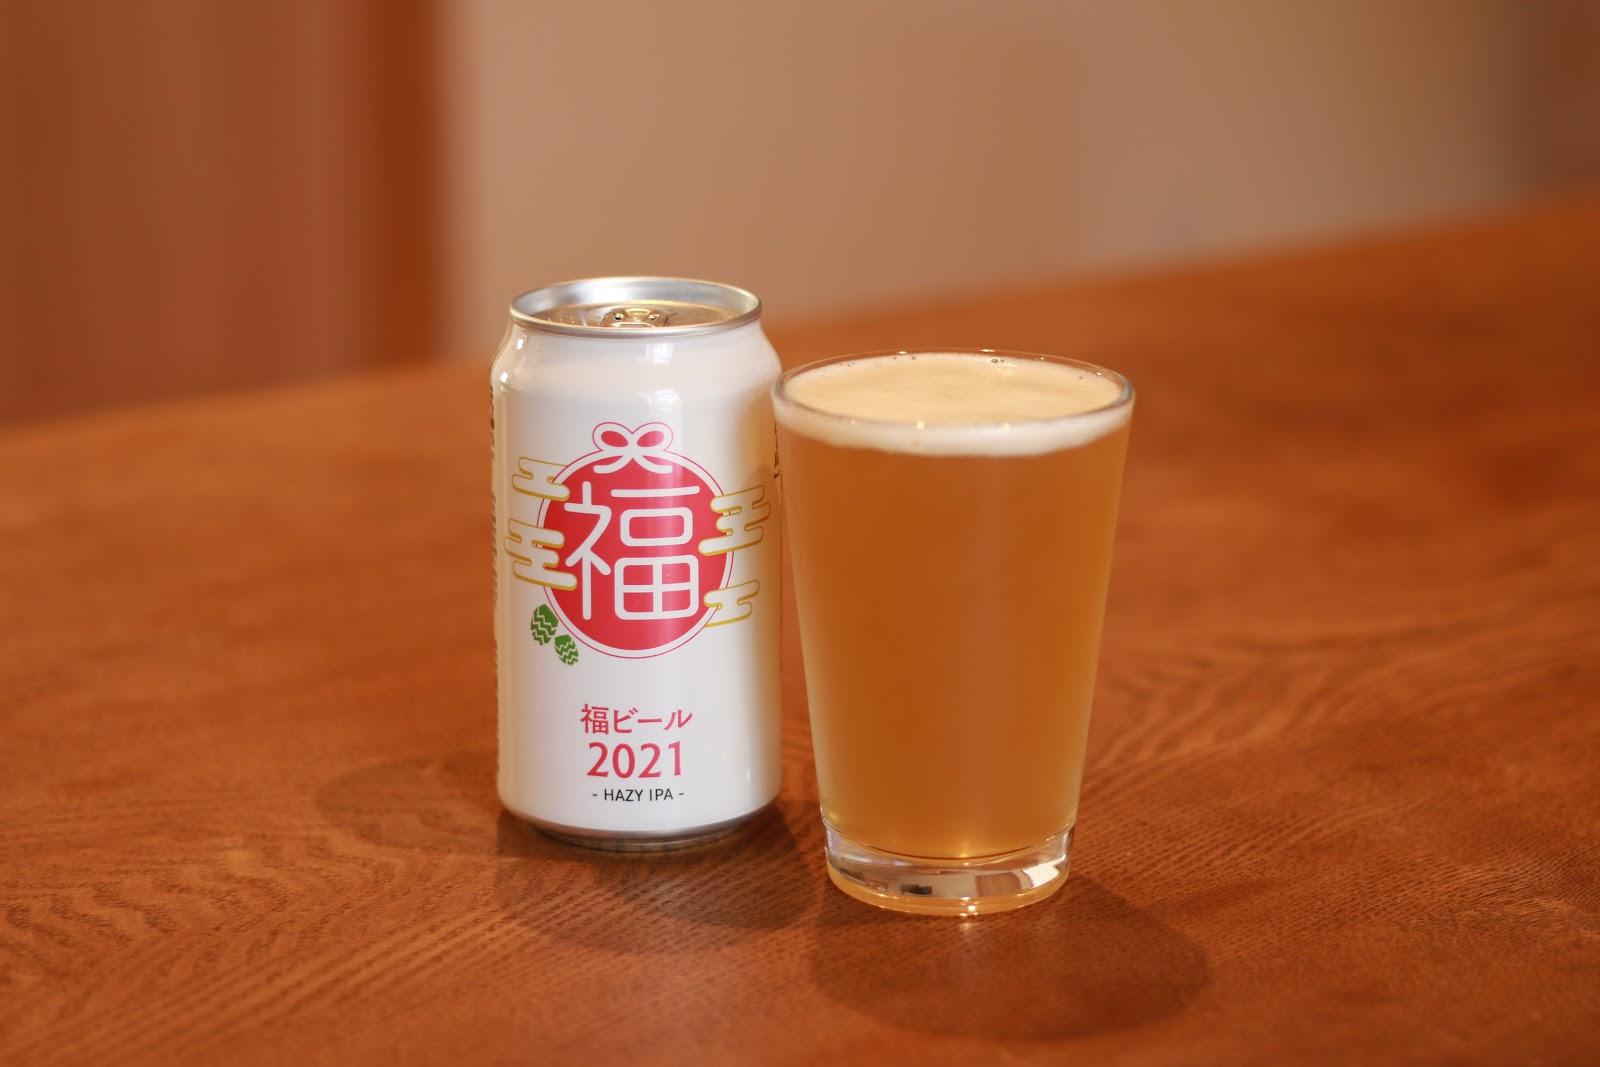 ヤッホーブルーイングの福ビール2021